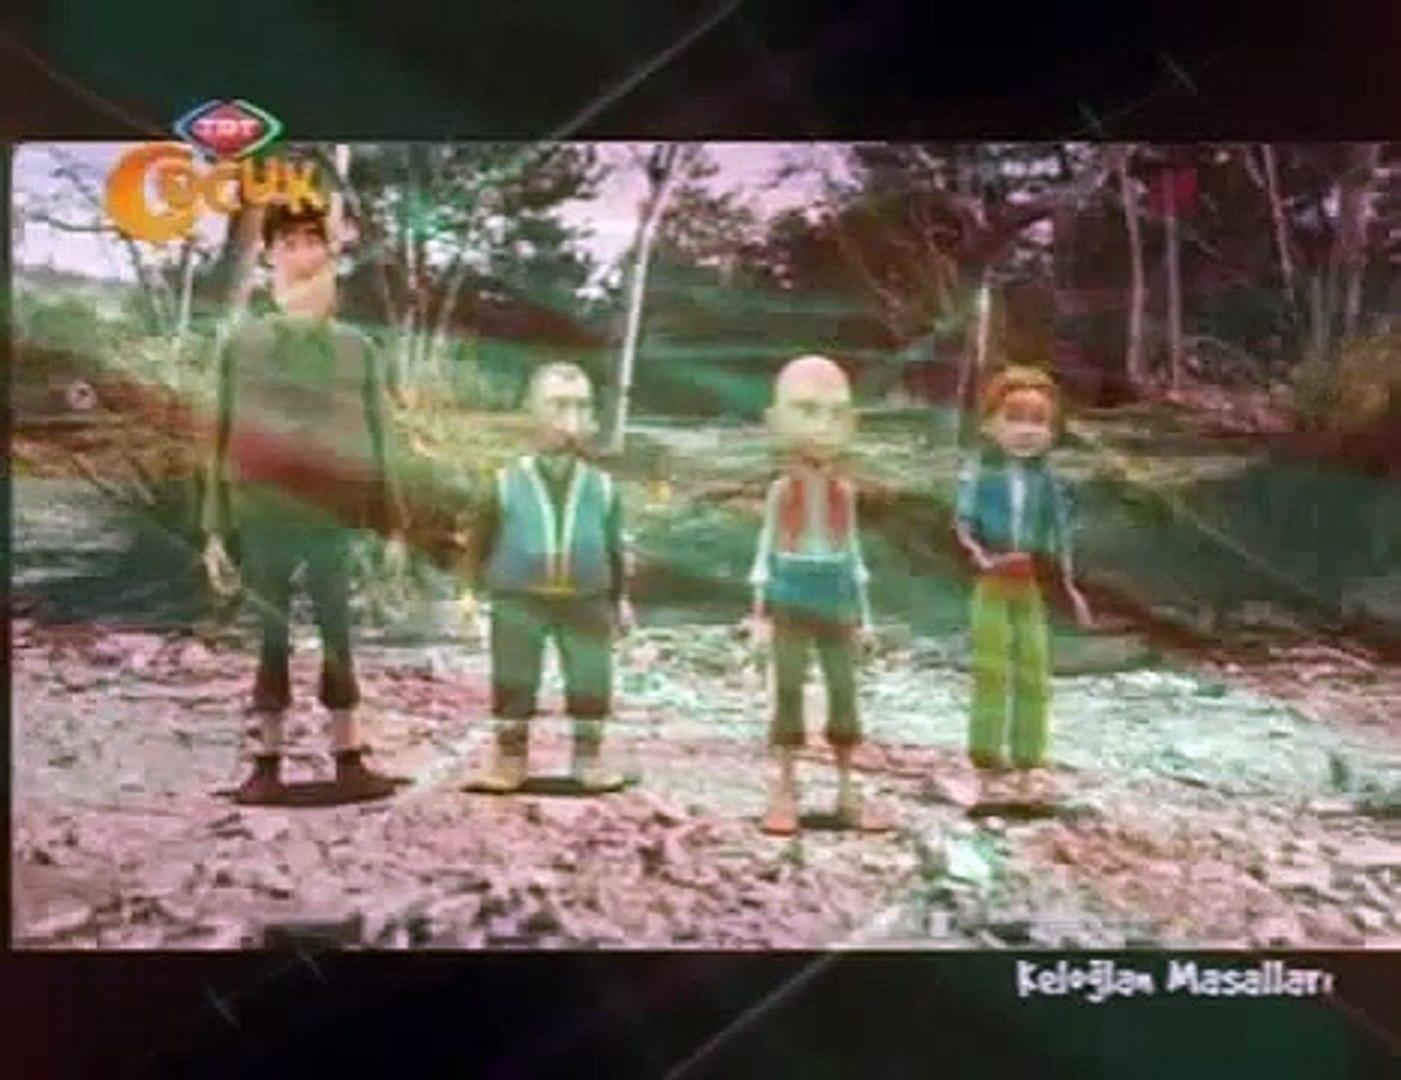 Keloğlan Masalları Kirli Göle Dalış İzle TRT Çocuk Çizgi Film Yeni Bölüm Çizgi